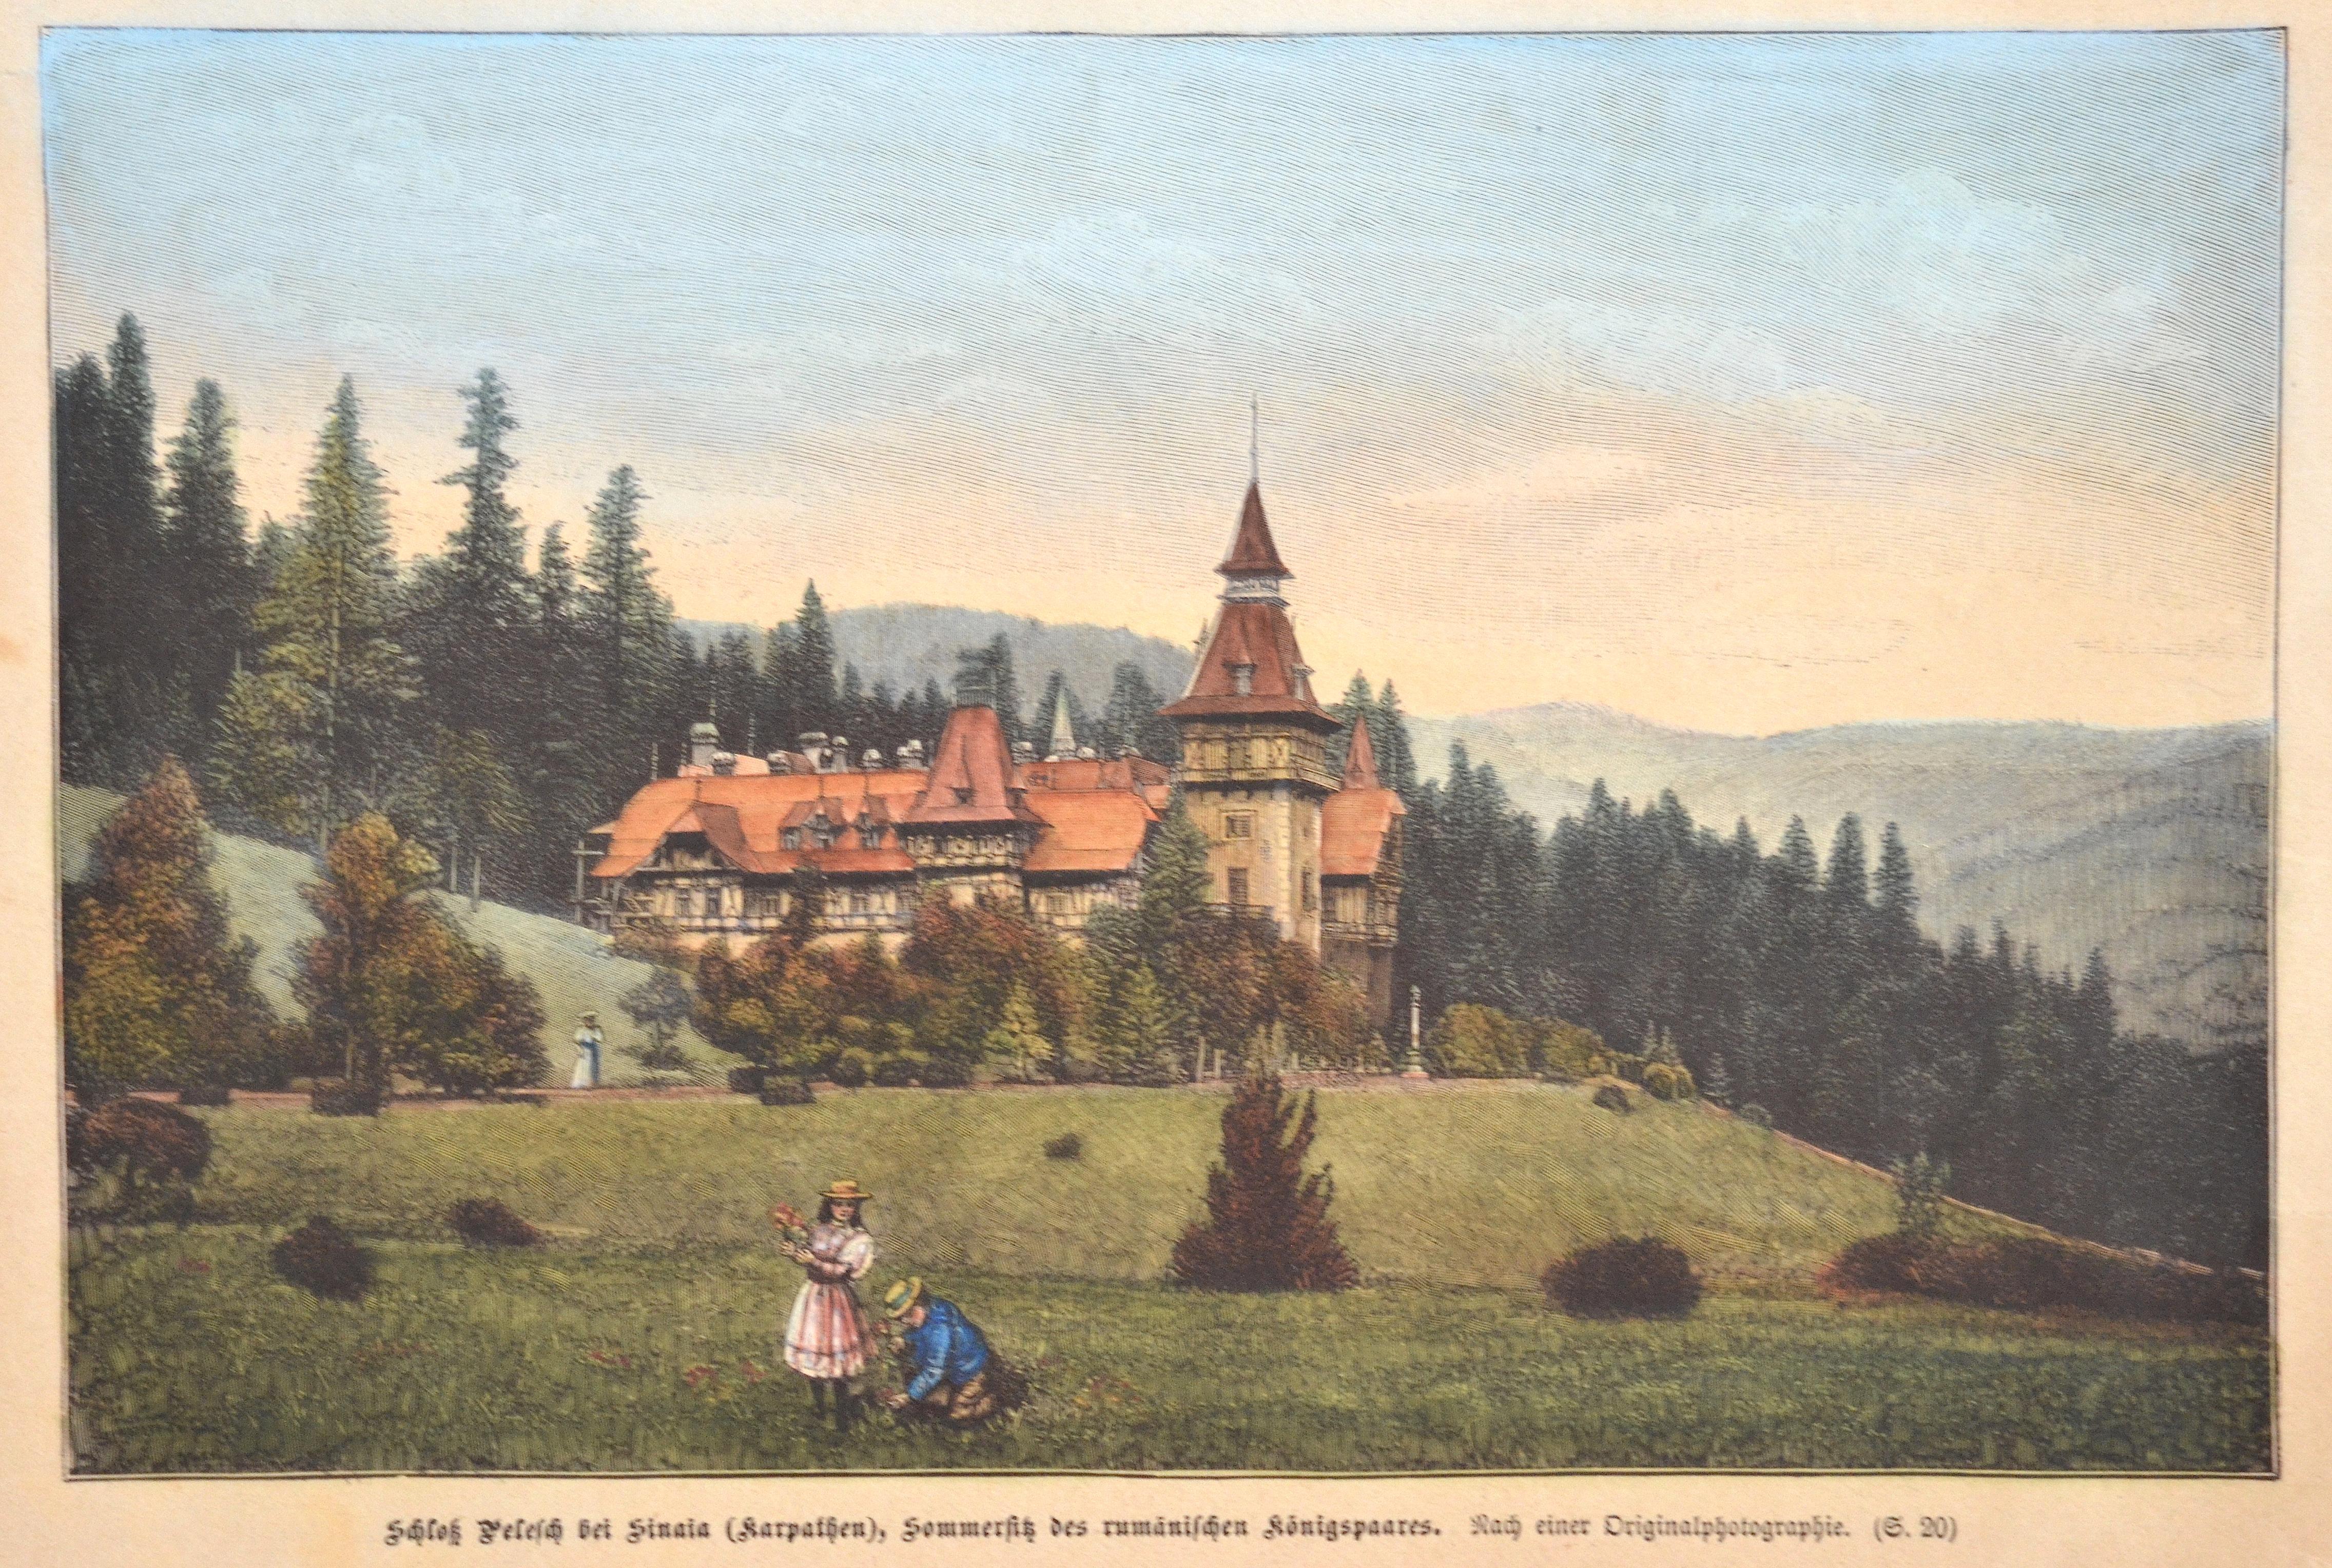 Anonymus  Schloß Pelesch bei Sinaia (Karpathen), Sommersitz des rumänischen Königspaares.